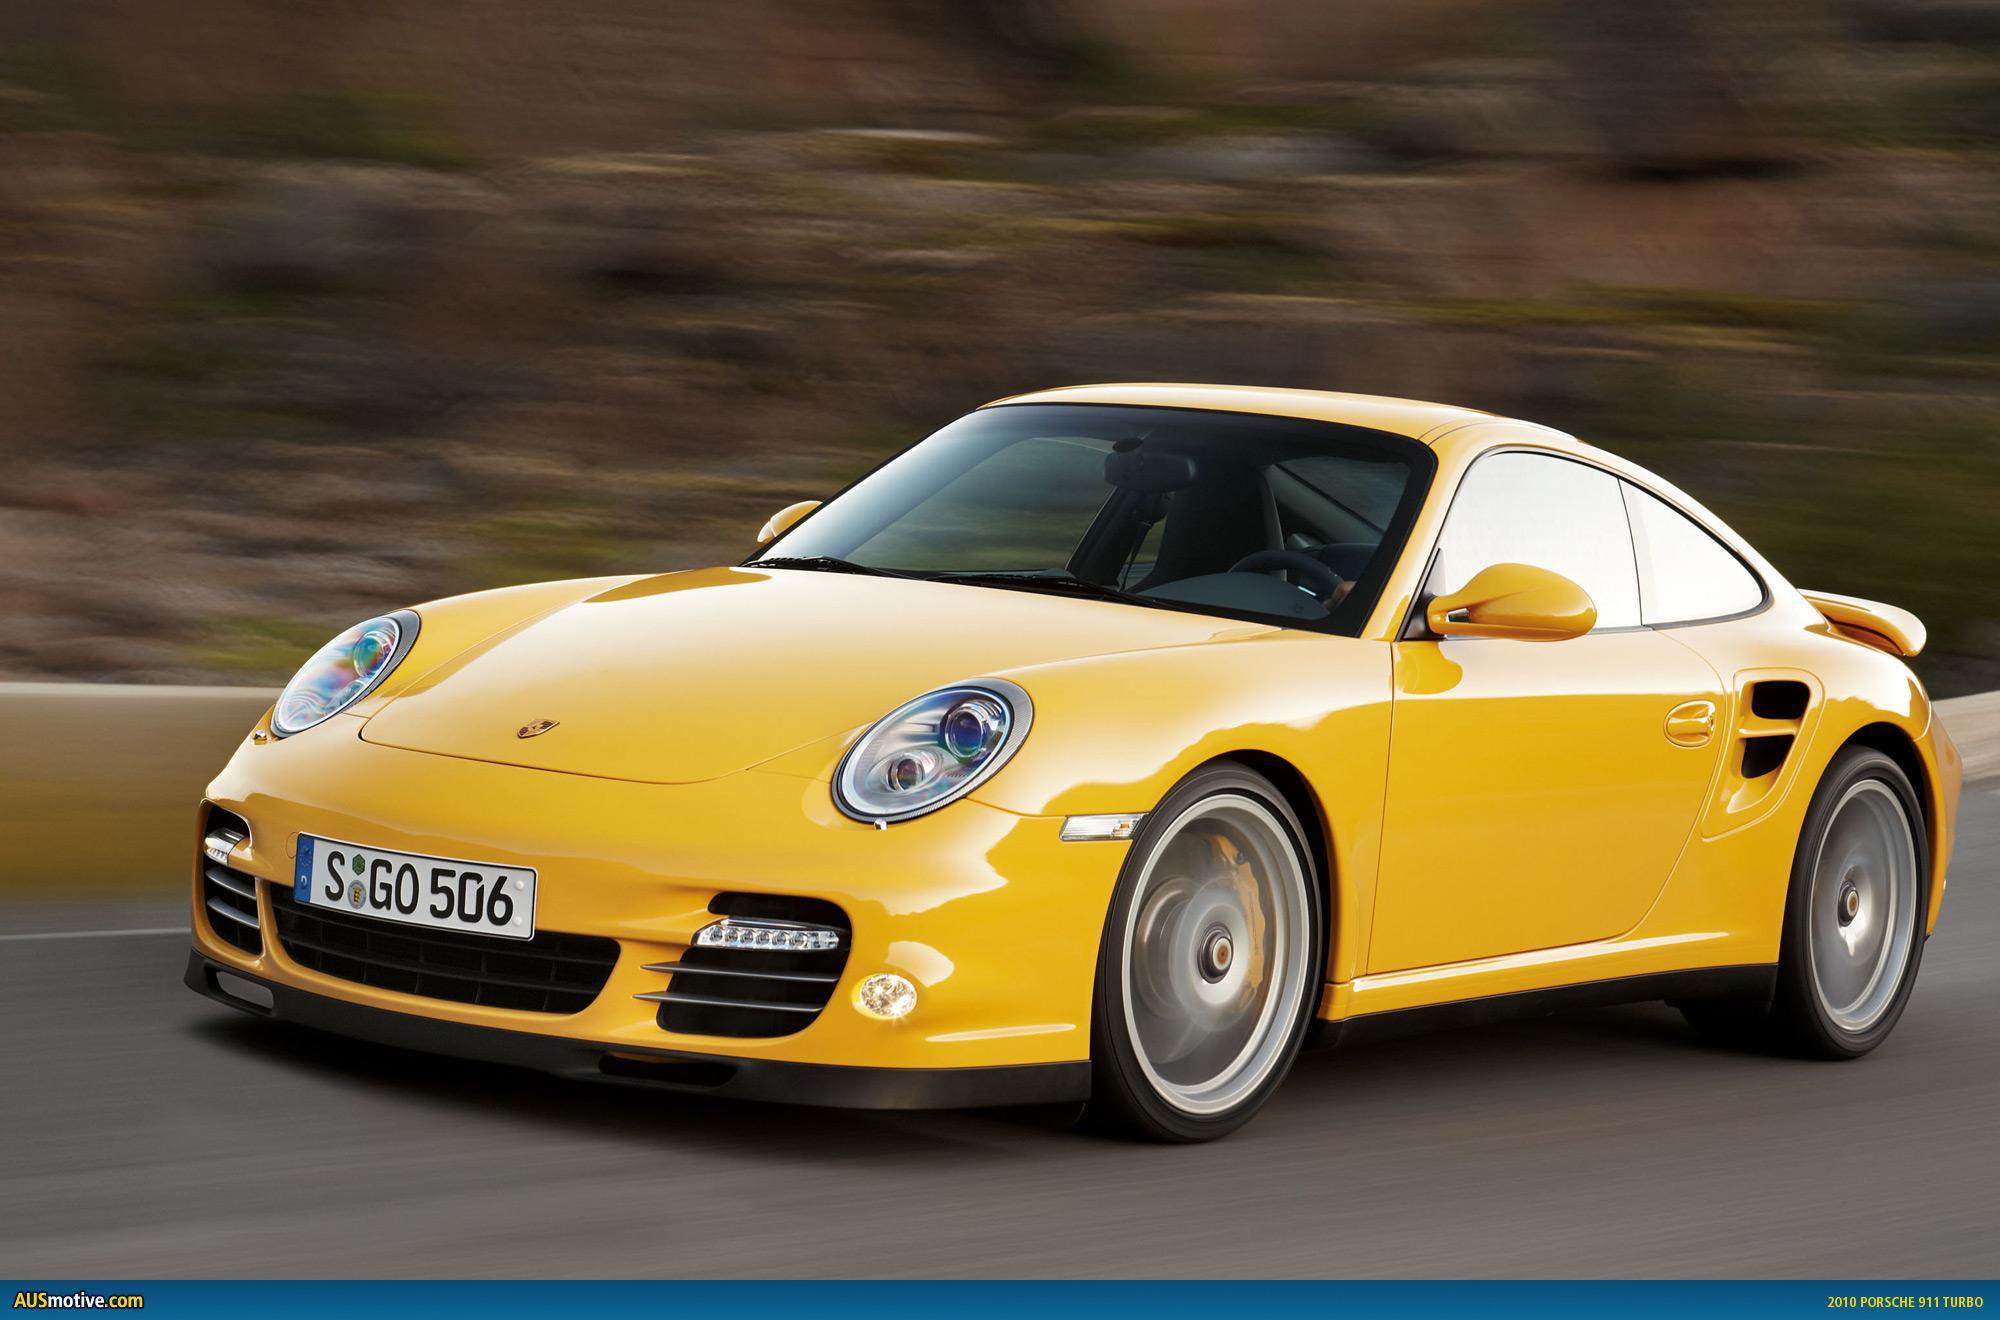 Ausmotivecom » 2010 Porsche 911 Turbo